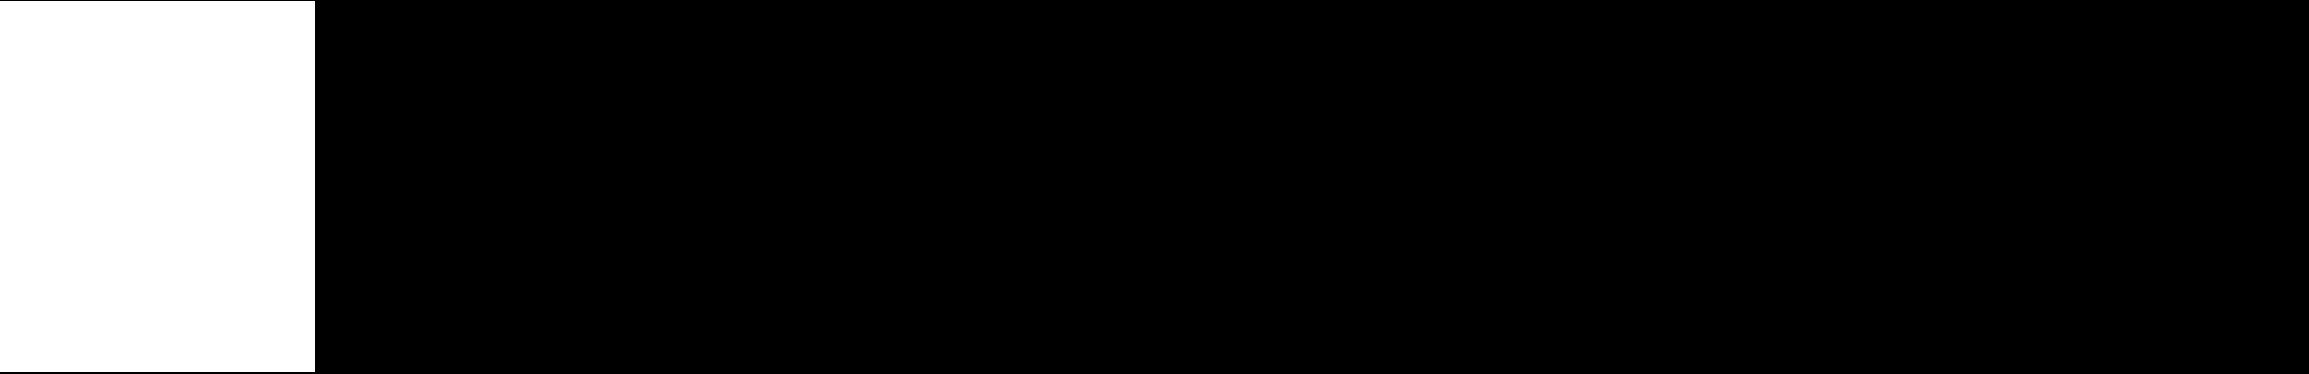 AnthropoviZ Methodology